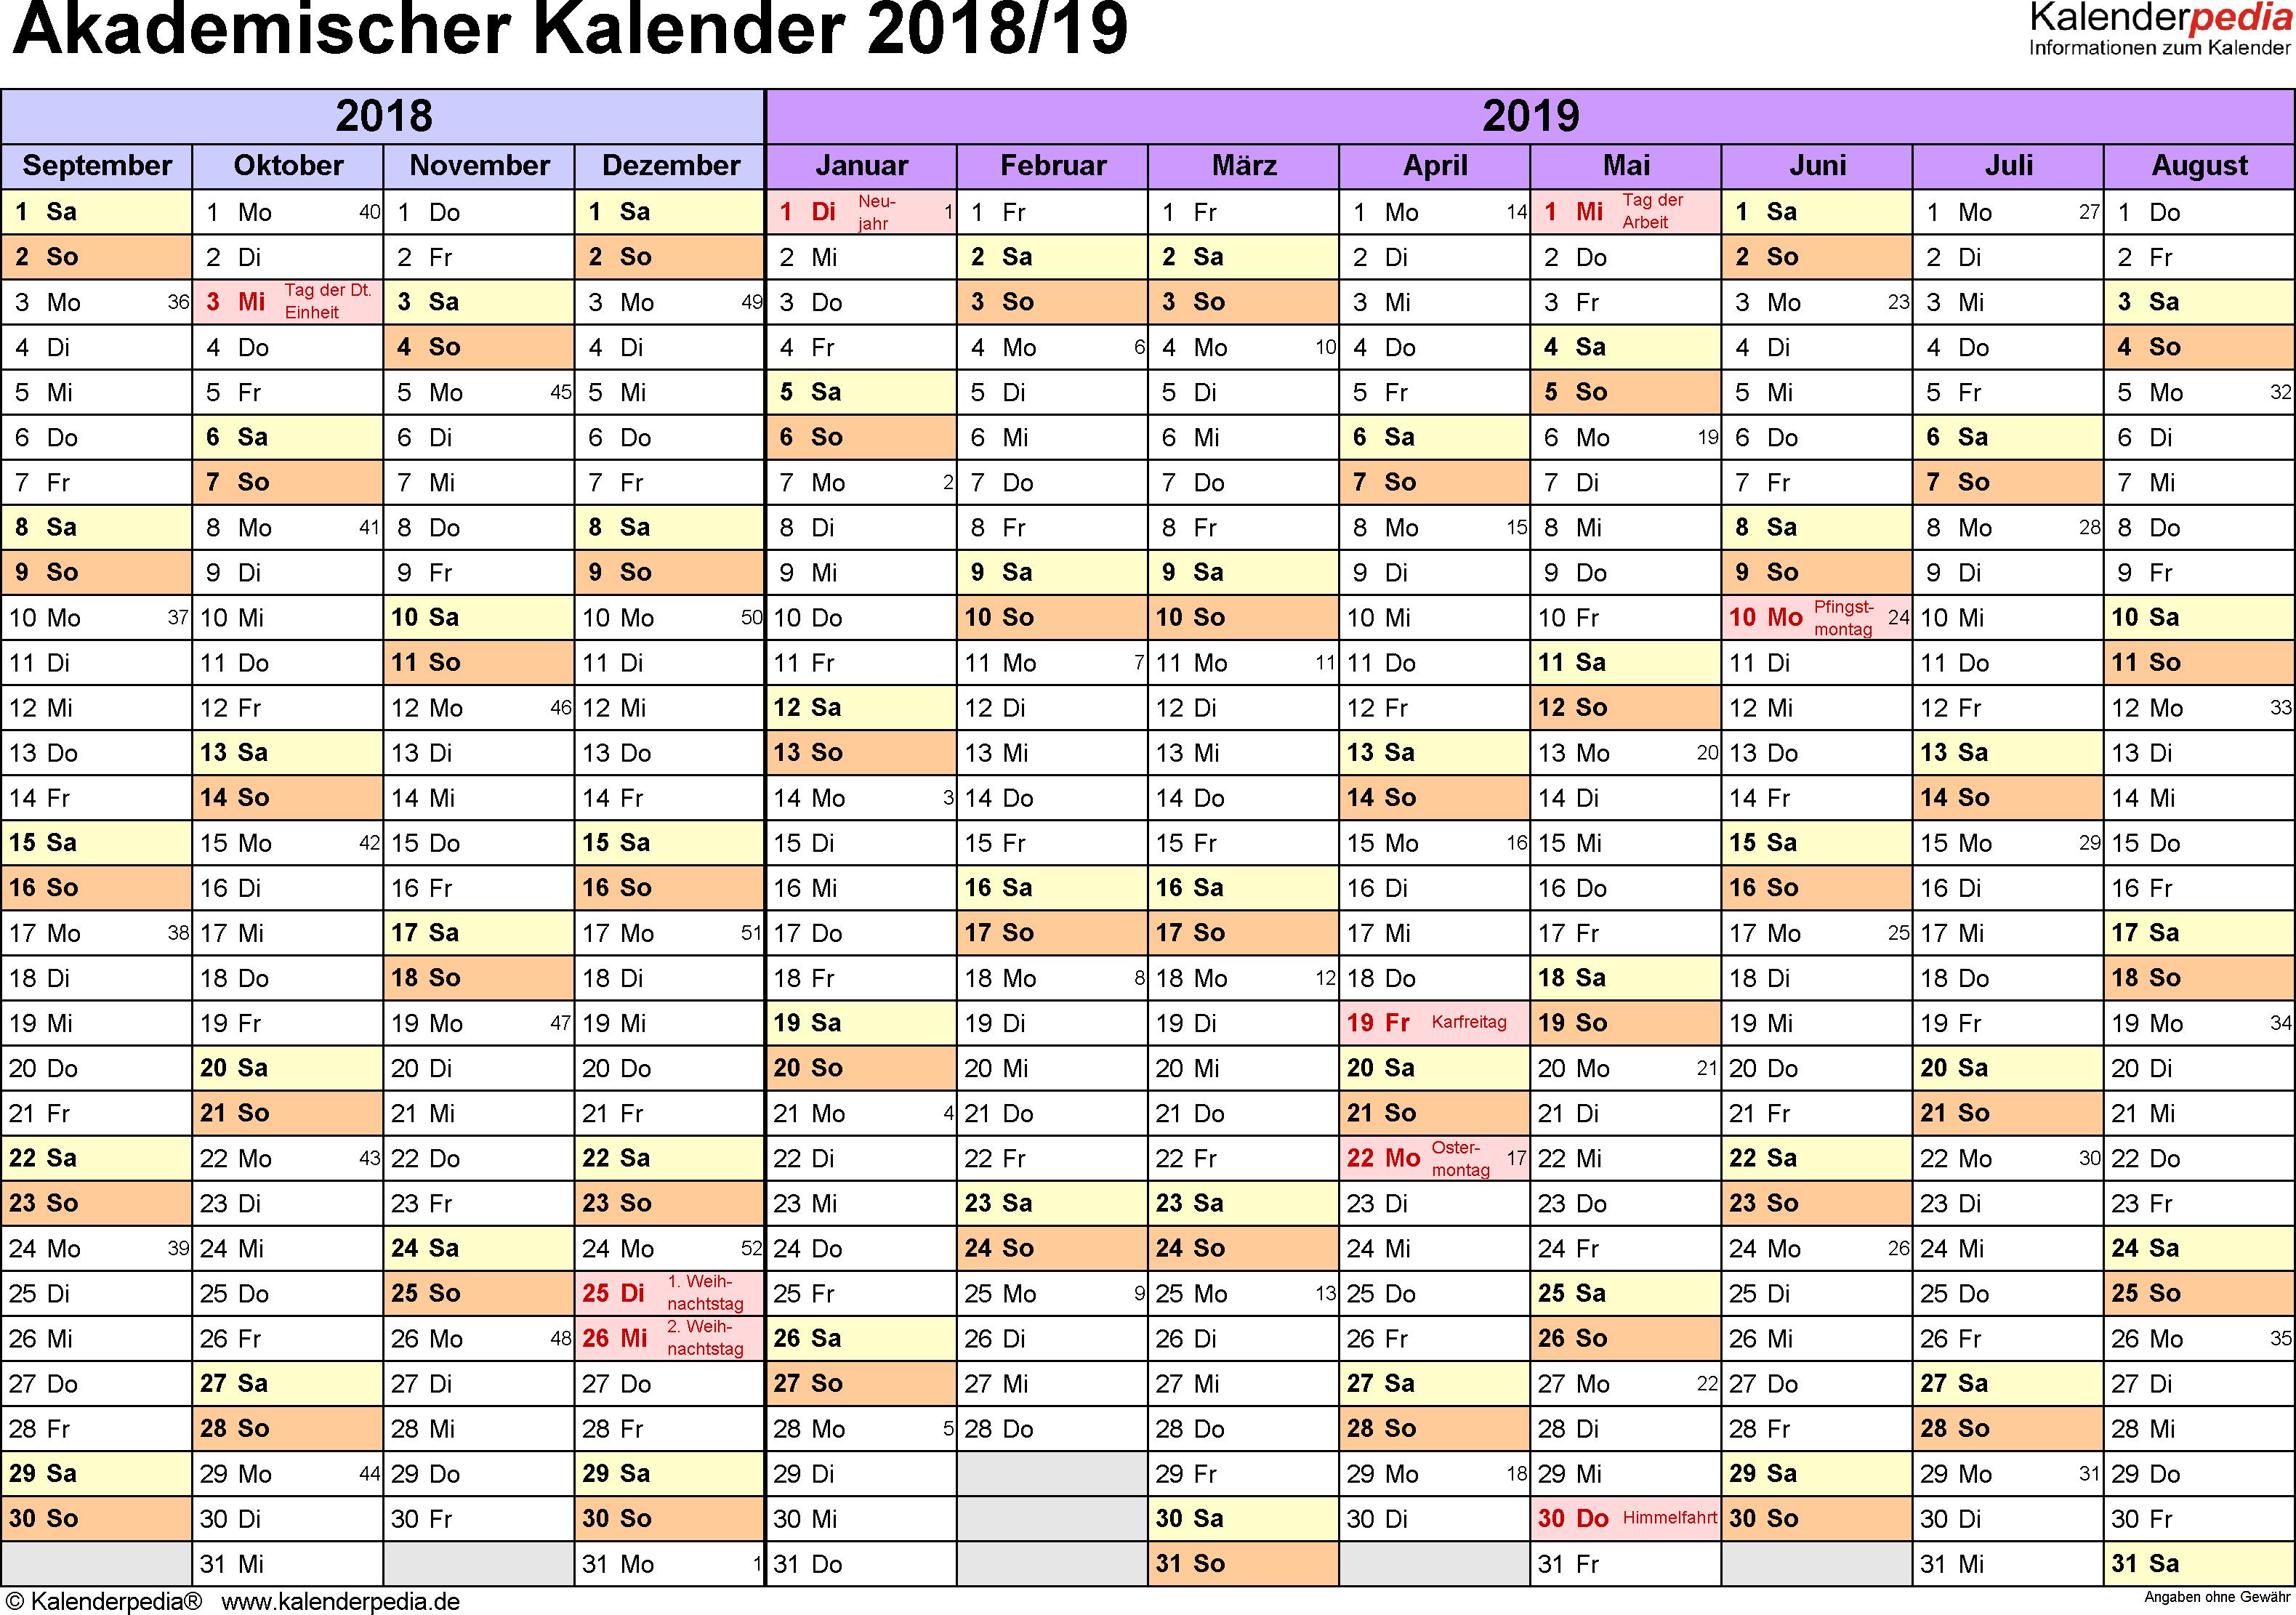 Vorlage 1: Akademischer Jahreskalender 2018/2019 im Querformat